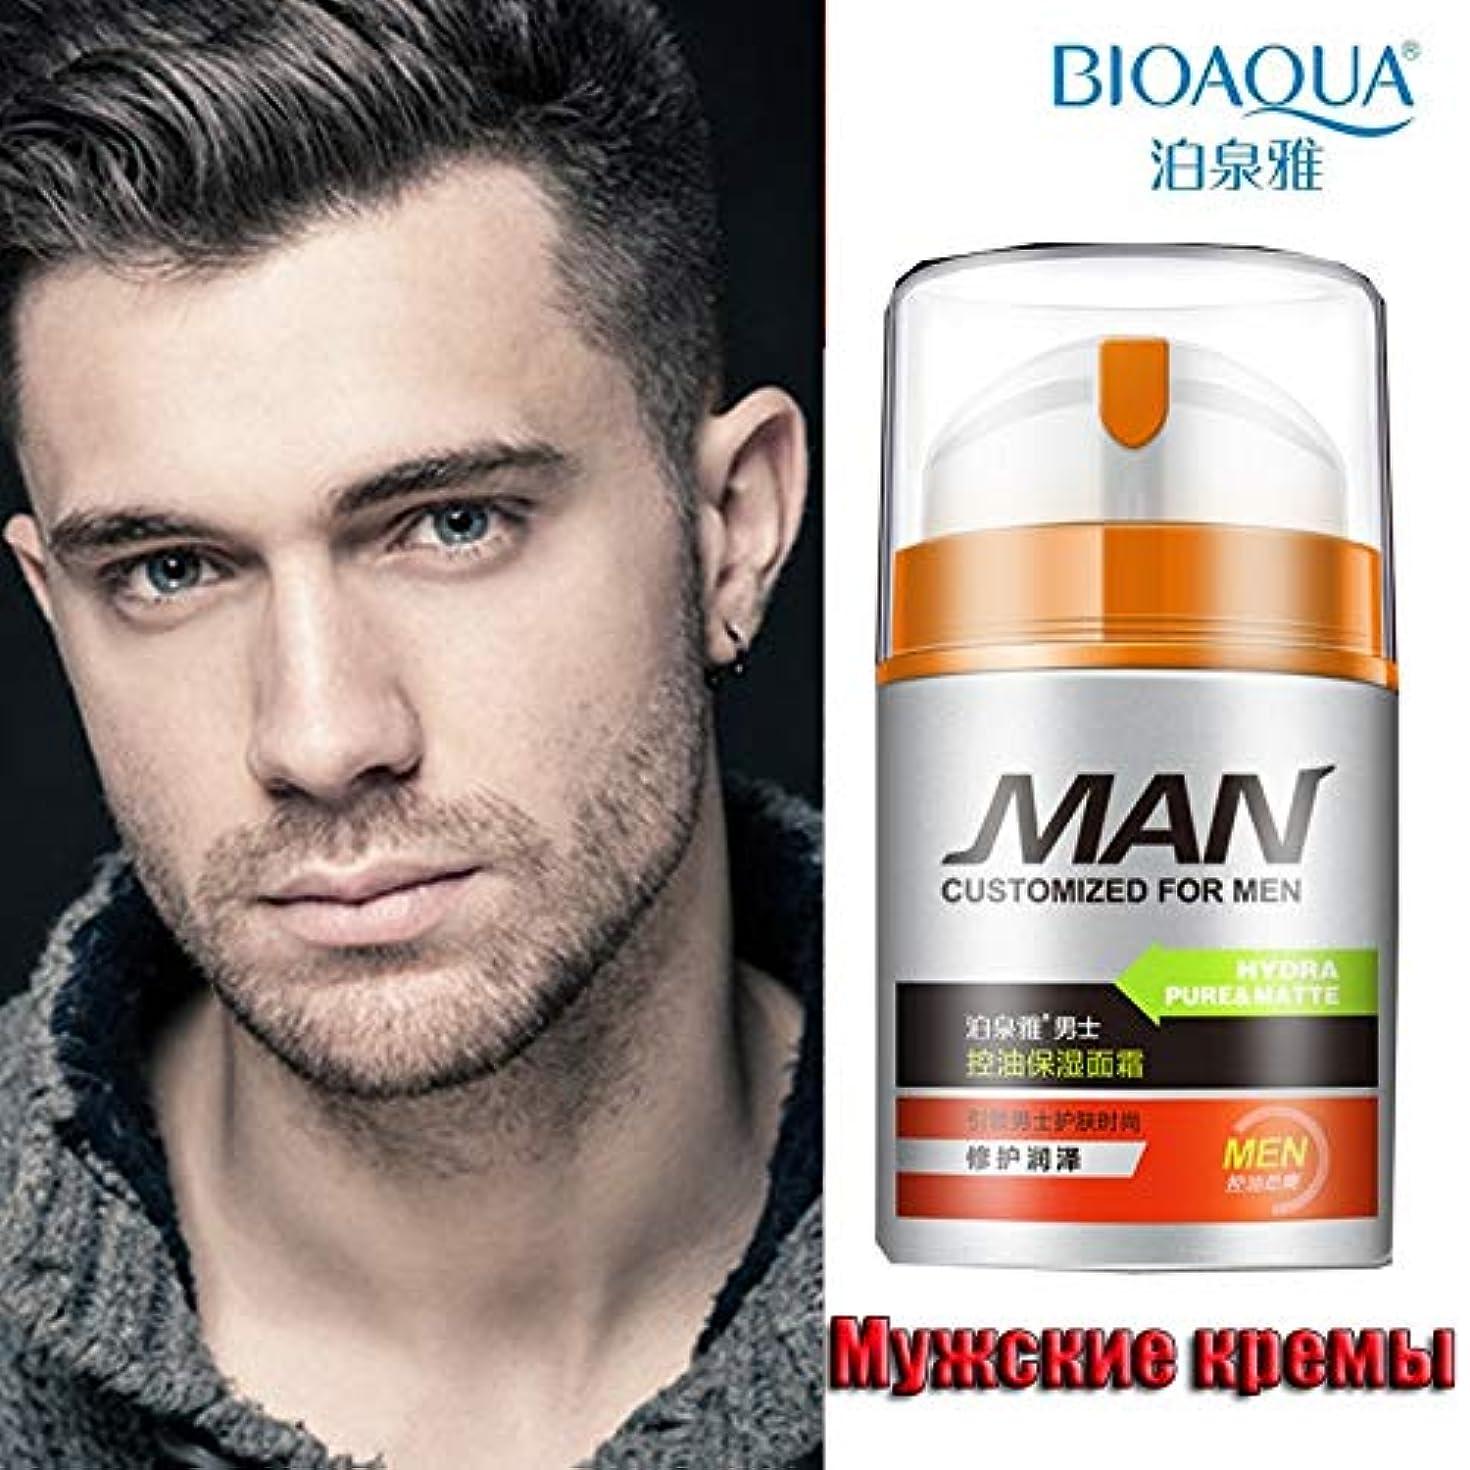 傷跡投げる広範囲にBioaquaフェイスケアダイナミック男性保湿クリーム保湿アンチリンクルモイスチャライジングミルク男性ケア製品